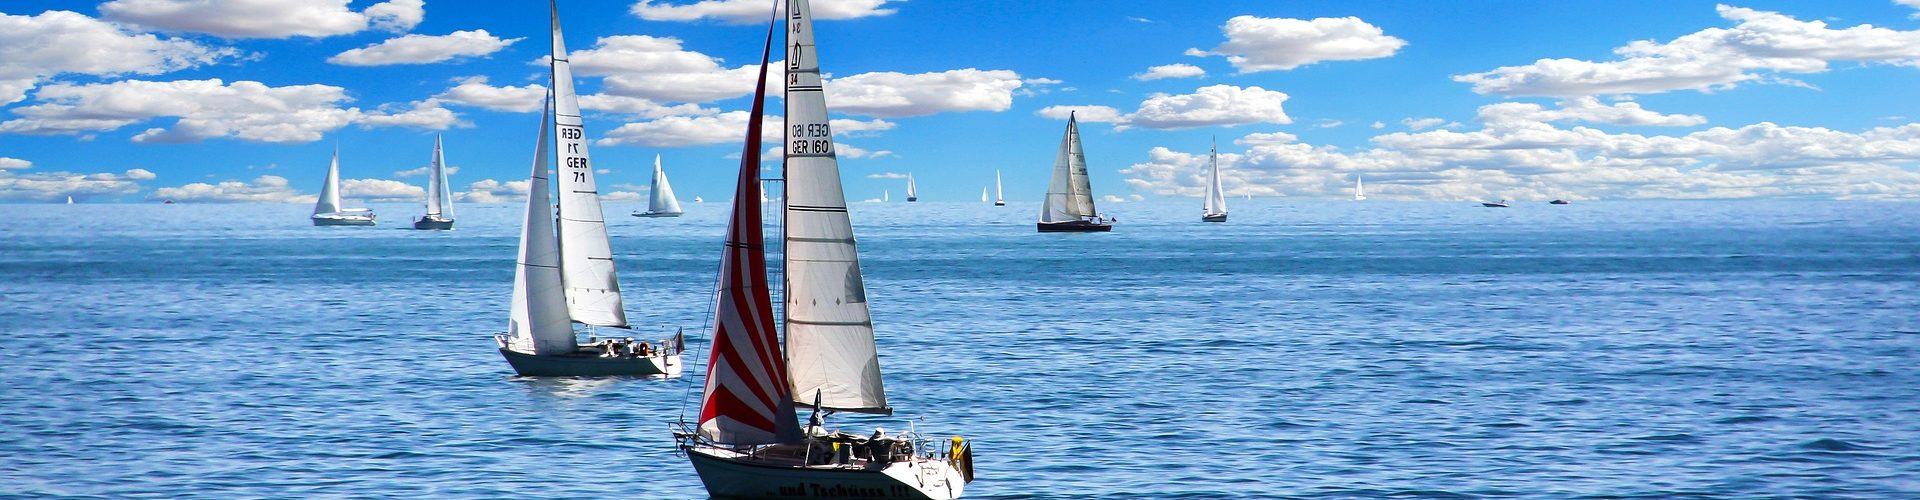 segeln lernen in Wettin segelschein machen in Wettin 1920x500 - Segeln lernen in Wettin